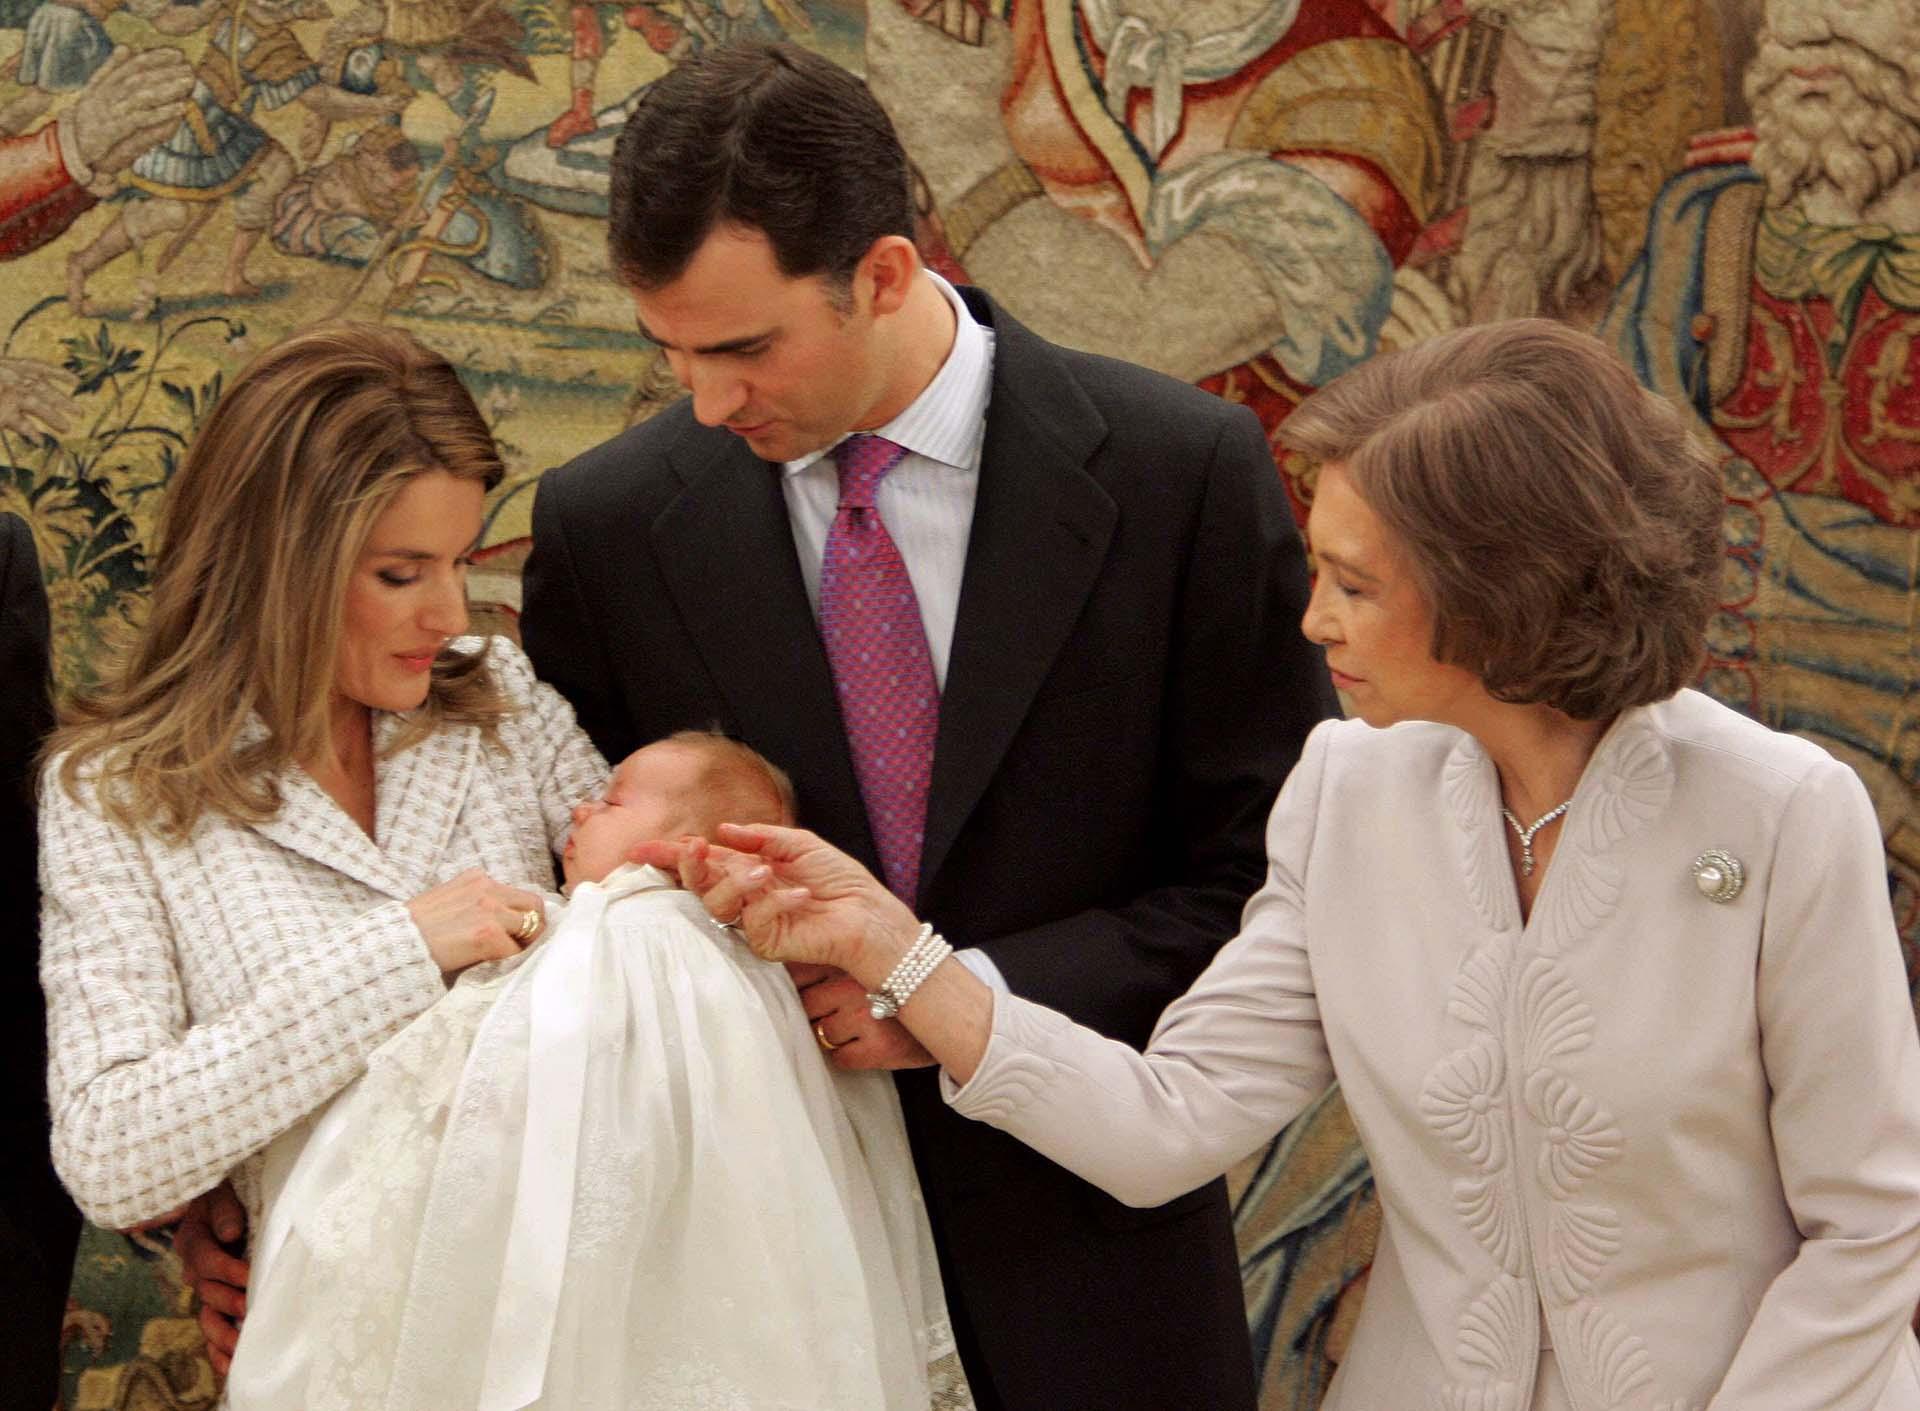 Letizia y Felipe asumieron pronto el rol de padres. El 31 de octubre de 2005 nació Leonor de Todos los Santos de Borbón y Ortíz, primera en la línea de sucesión en la actualidad. El día de su bautismo en el Palacio de la Zarzuela.